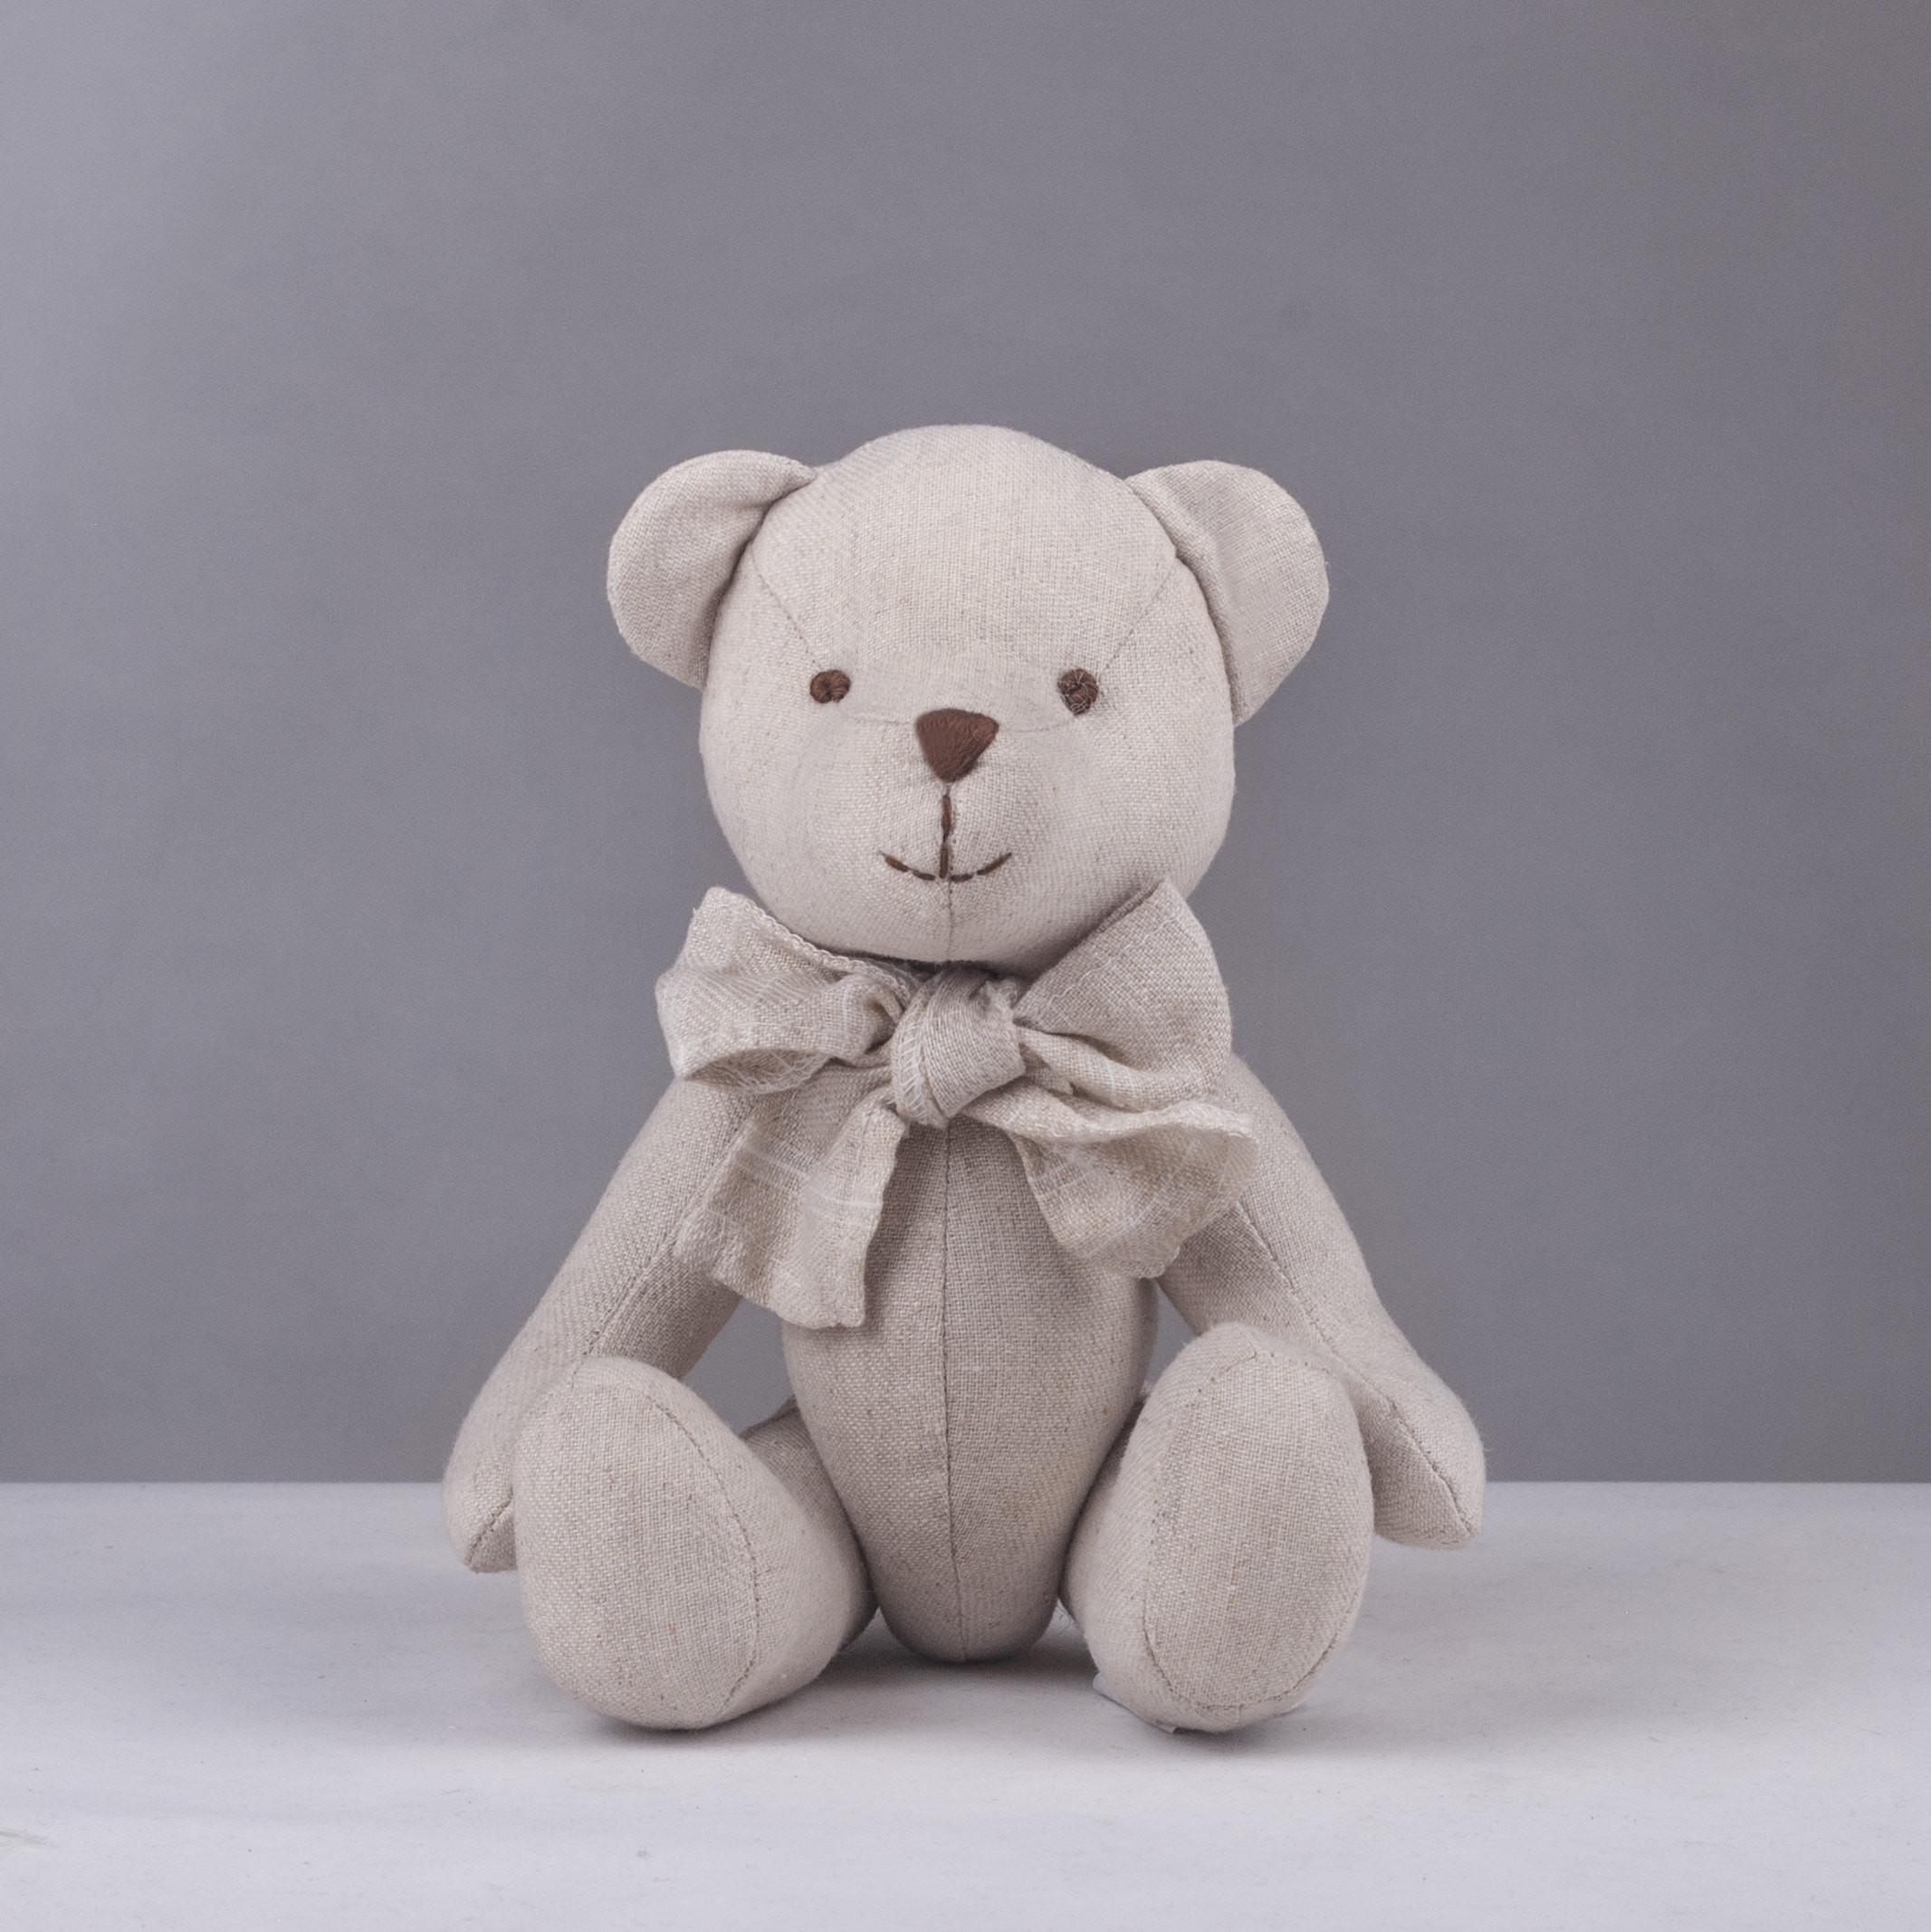 خرس بوبو شابن (قهوه ای) (اسباب بازی)